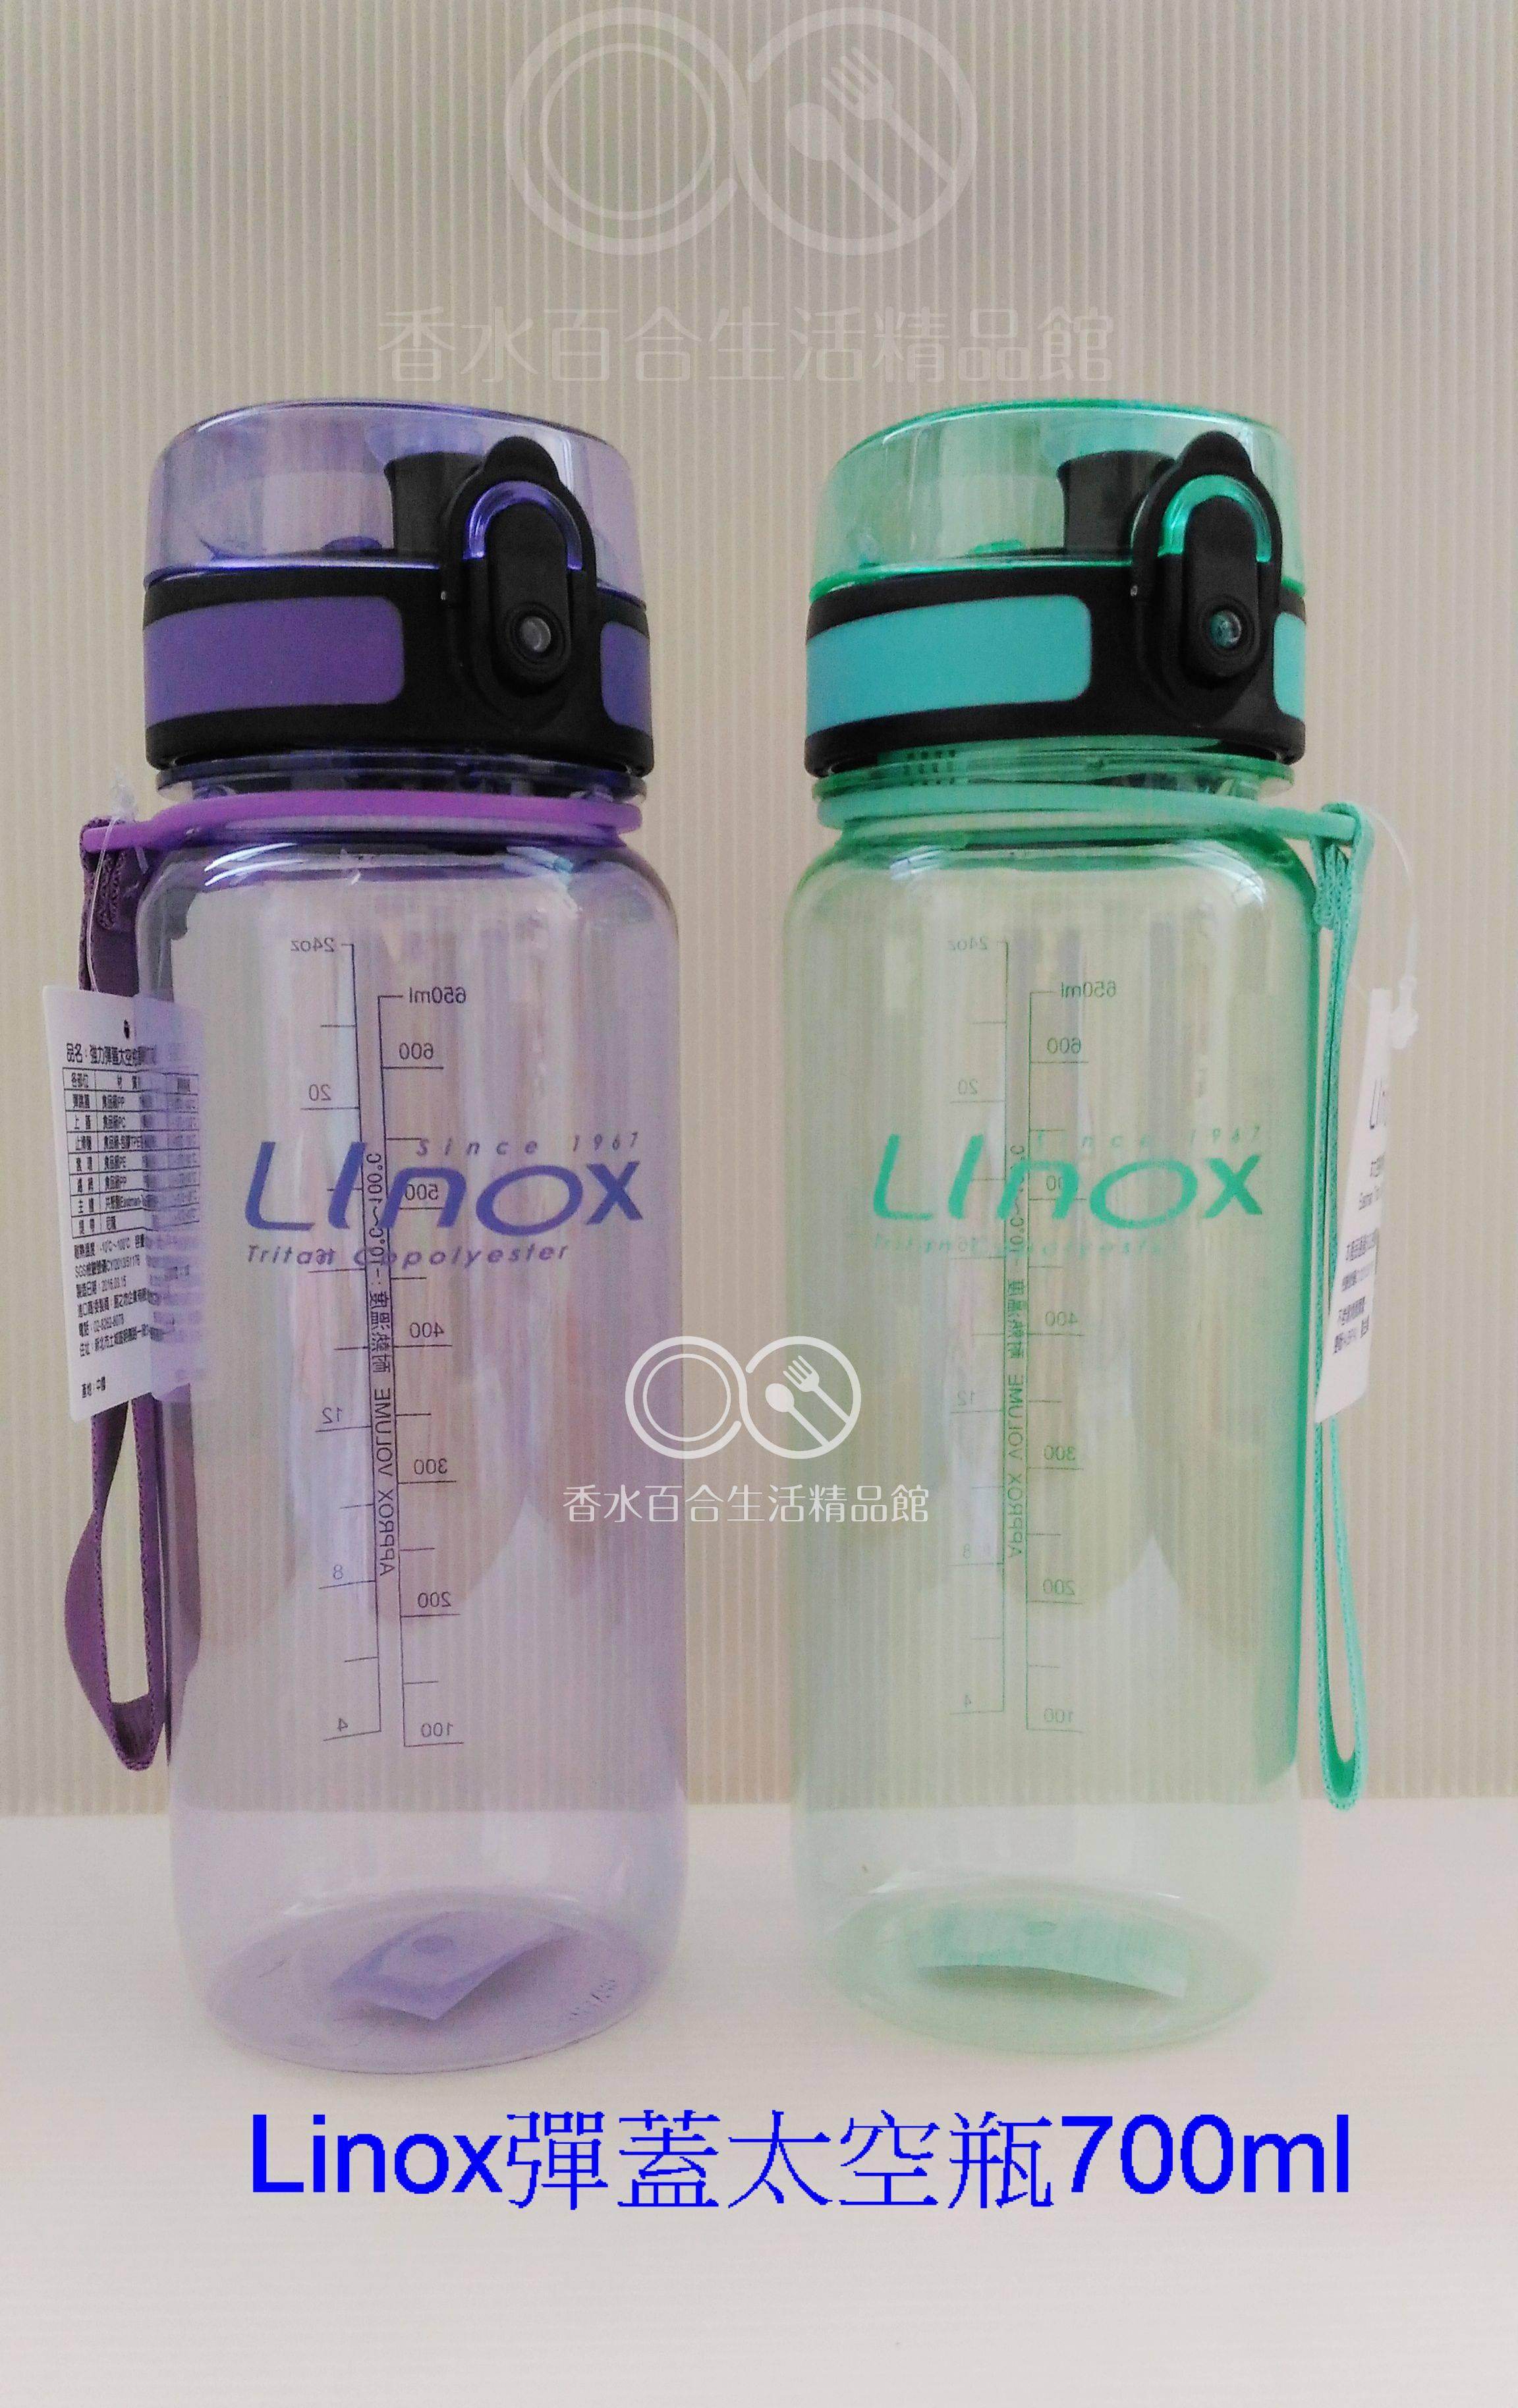 🌟現貨🌟LINOX 強力彈蓋太空瓶-700cc 1 LINOX太空瓶700ml 太空瓶1000ml 非太和工房